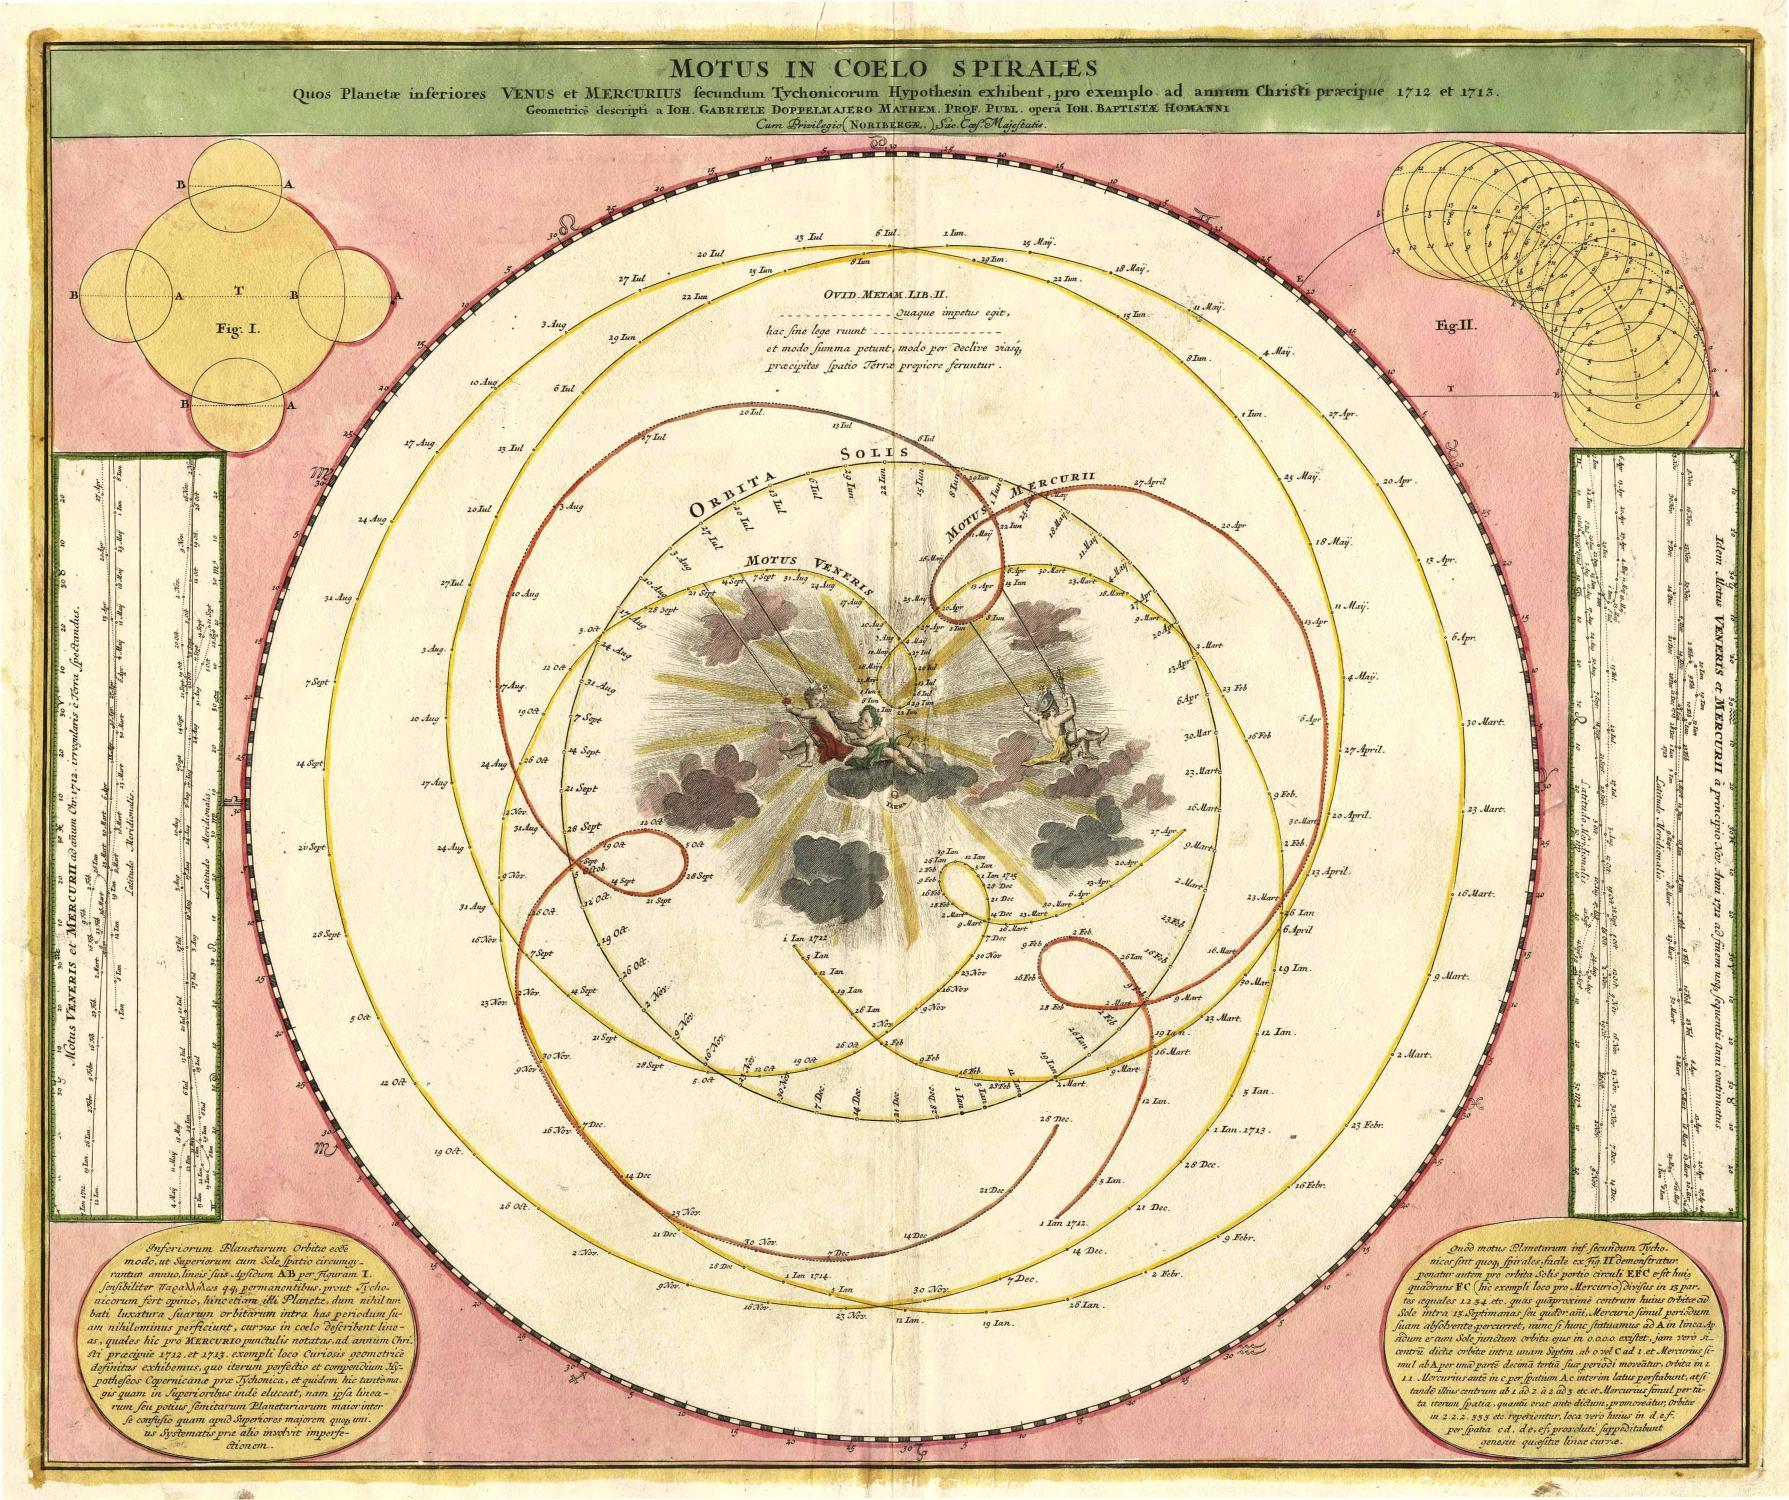 Motus in Coelo Spirales Quos Planetae inferiores Venus et Mercurius secundum Tychonicorum Hypothesin exhibent, pro exemplo ad annum Christi praecipue 1712 et 1713